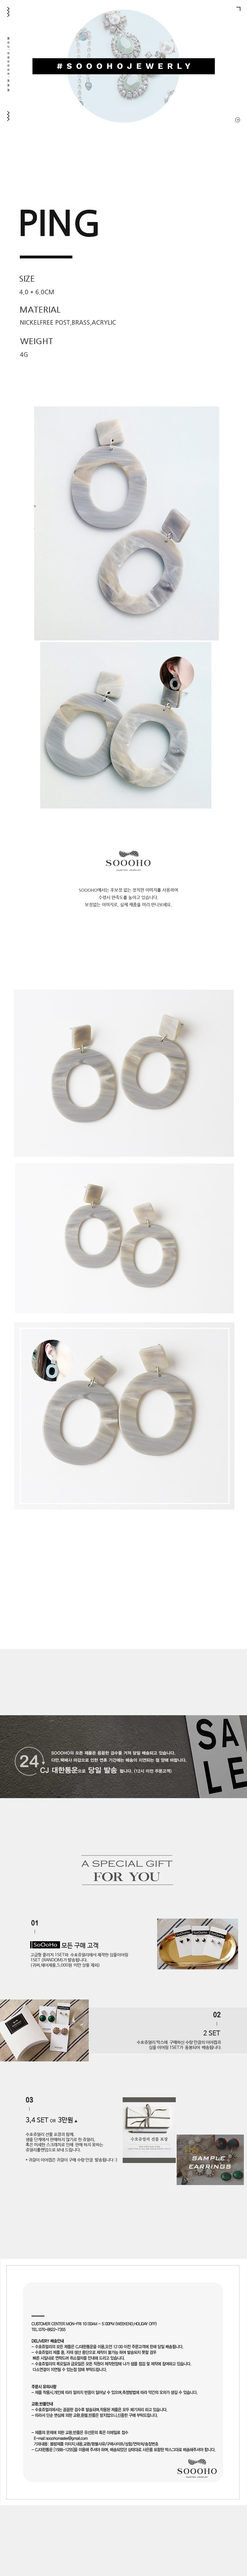 ping 그레이 자개 포인트 볼드 귀걸이 - 수호쥬얼리, 17,500원, 진주/원석, 드롭귀걸이